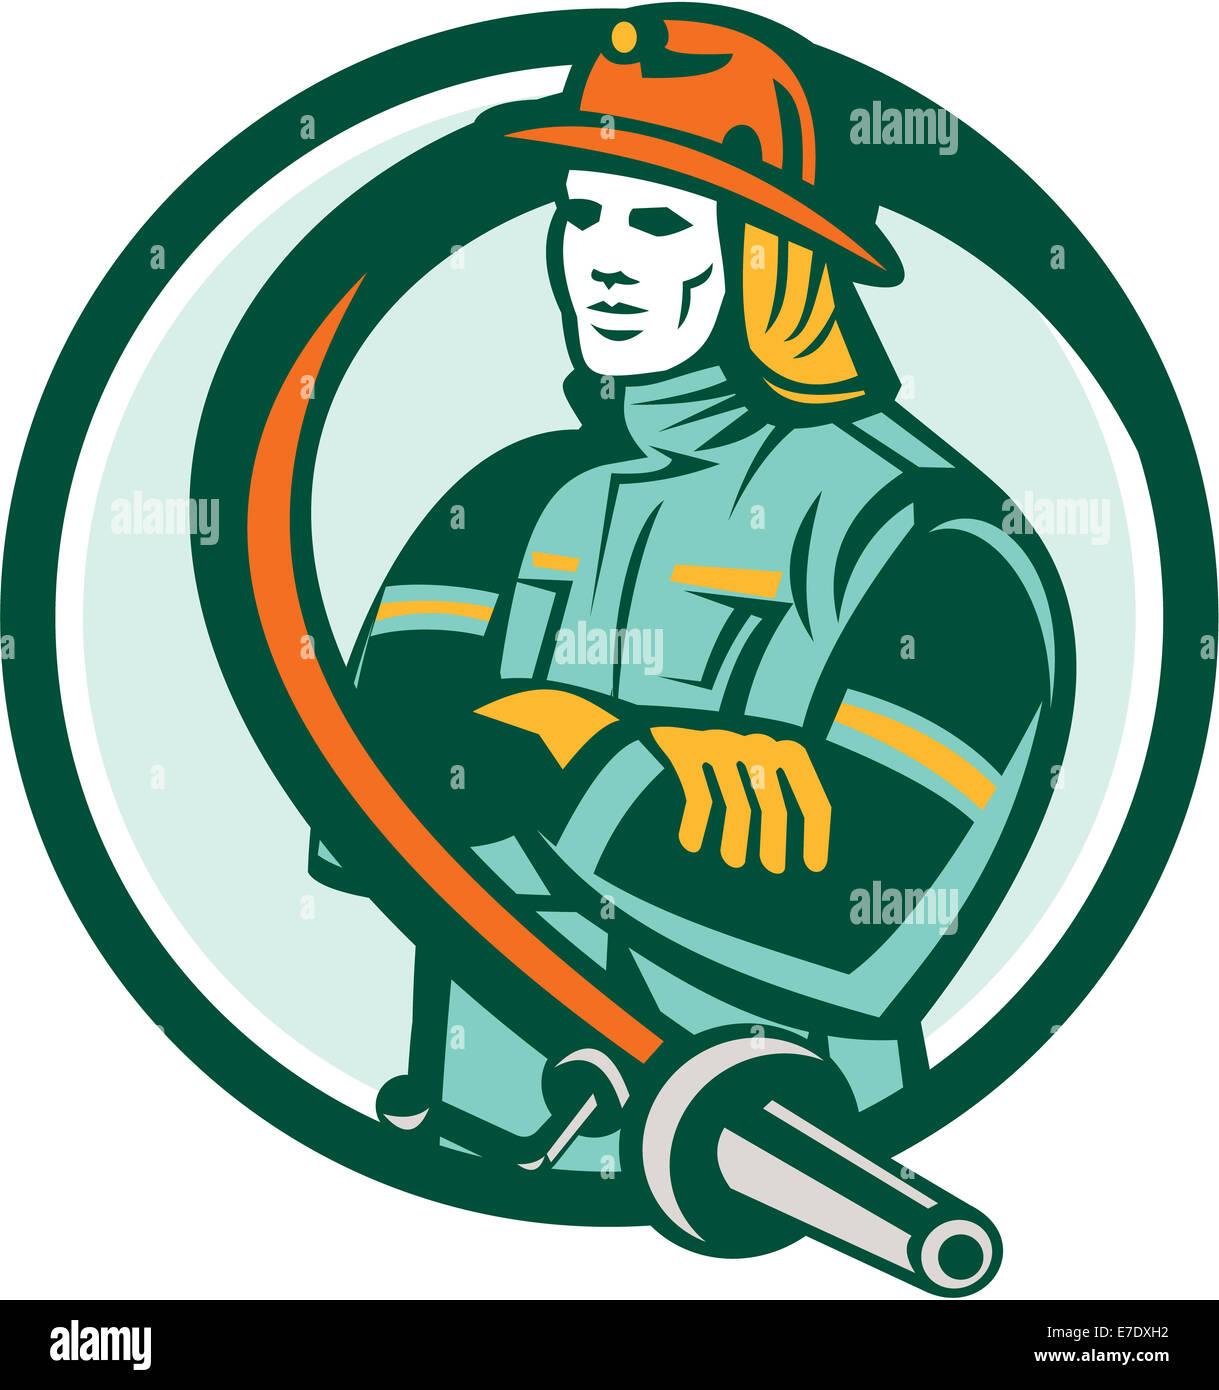 Abbildung eines Feuerwehrmann Feuerwehrmann Notfall Arbeitnehmers Gelenkarme mit Feuerwehrschlauch auf isolierte Stockbild